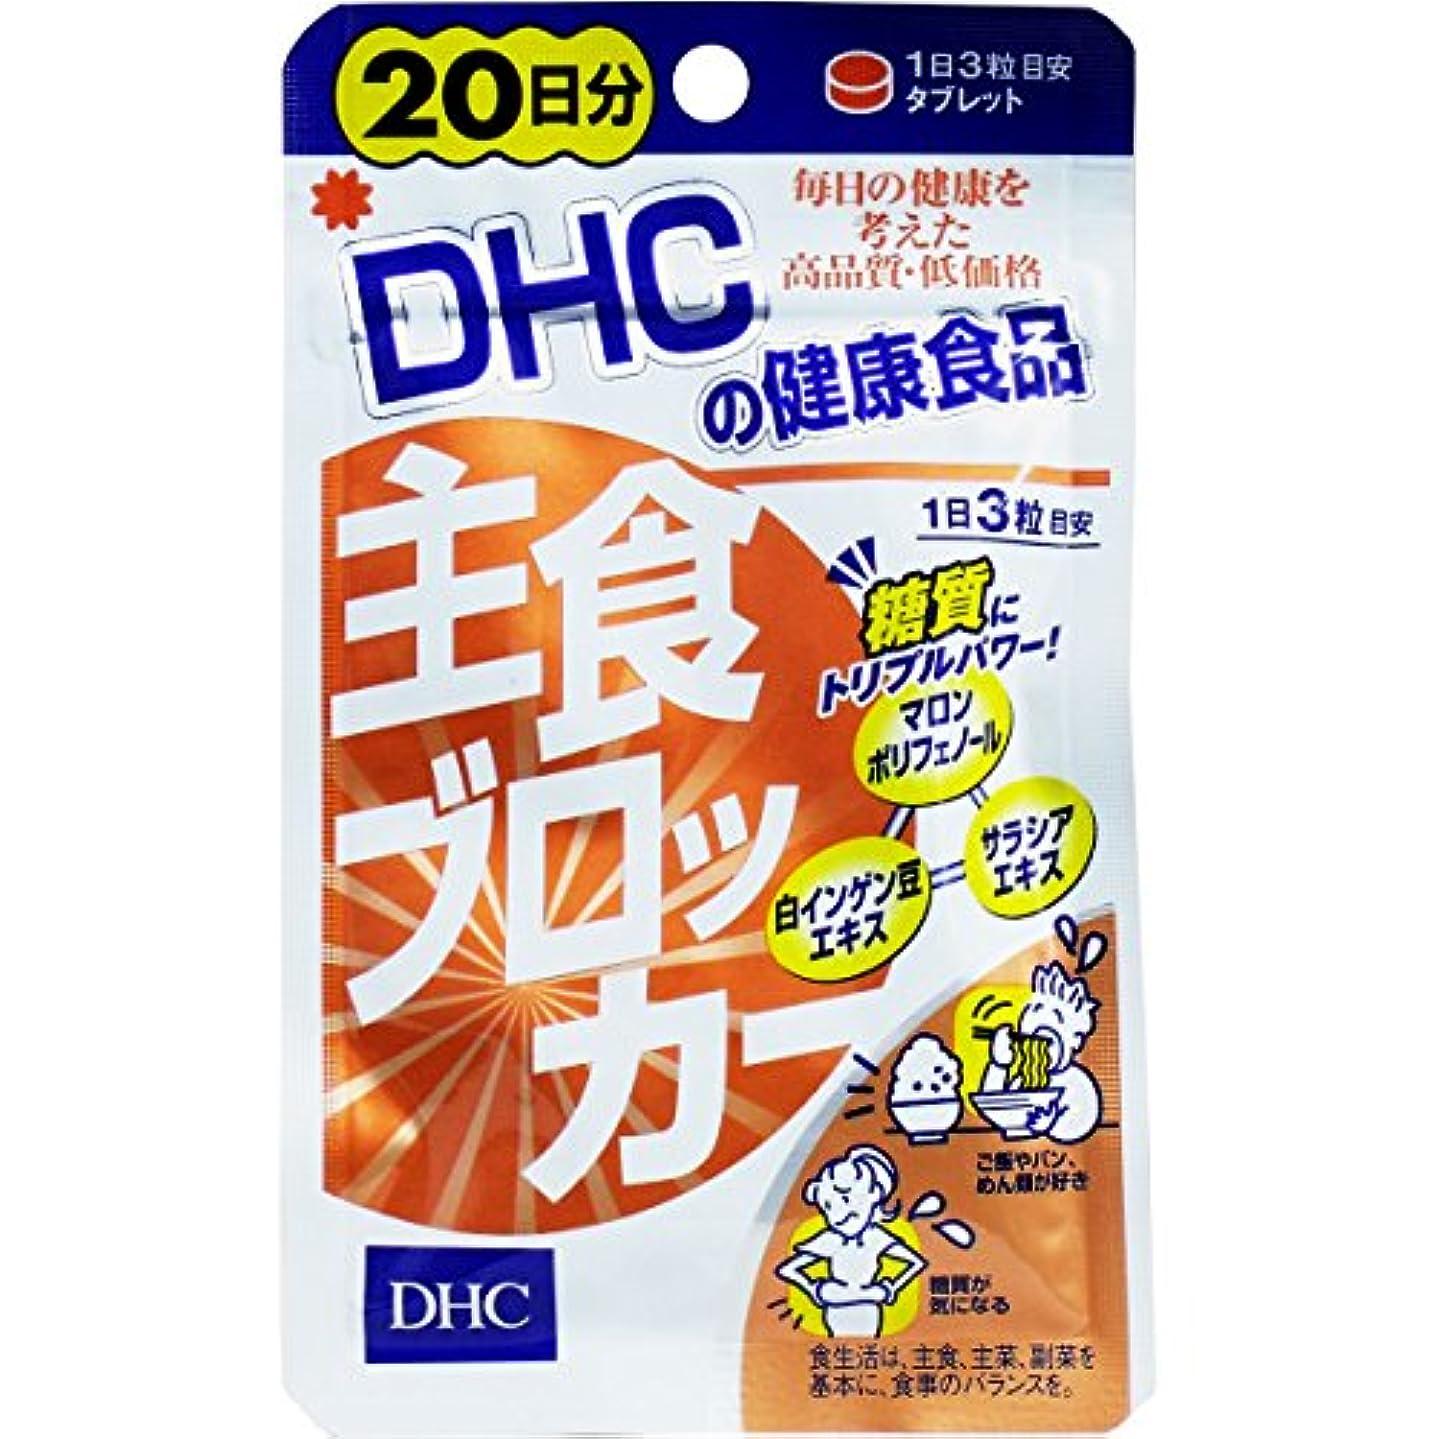 ソート無限診断するダイエット トリプルパワーでため込み対策 栄養機能食品 DHC 主食ブロッカー 20日分 60粒入【5個セット】